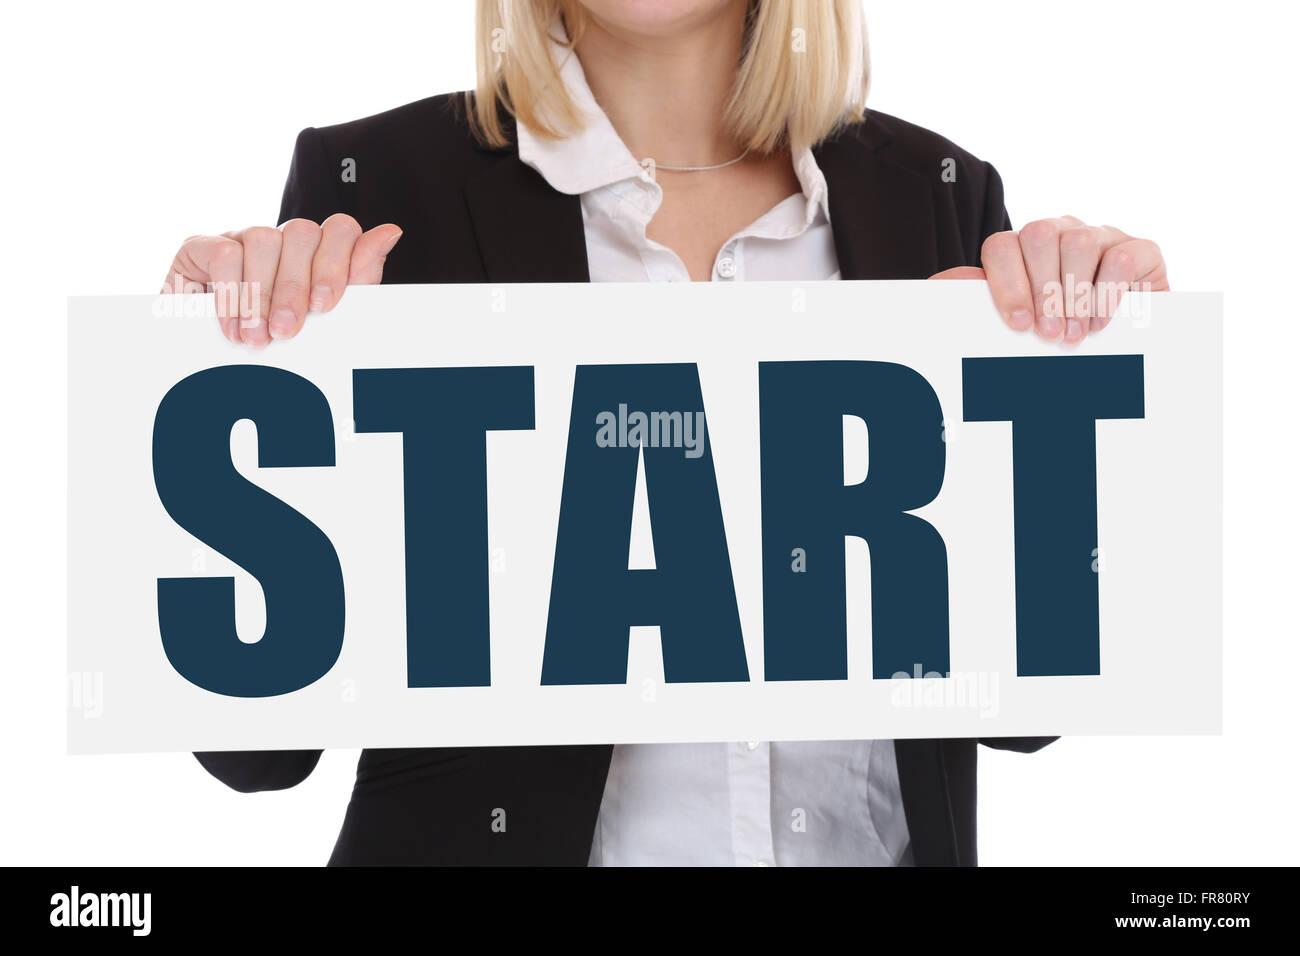 Start ab beginnen Anfang Konzept Karriere Ziele Motivation Geschäftsvision Stockbild